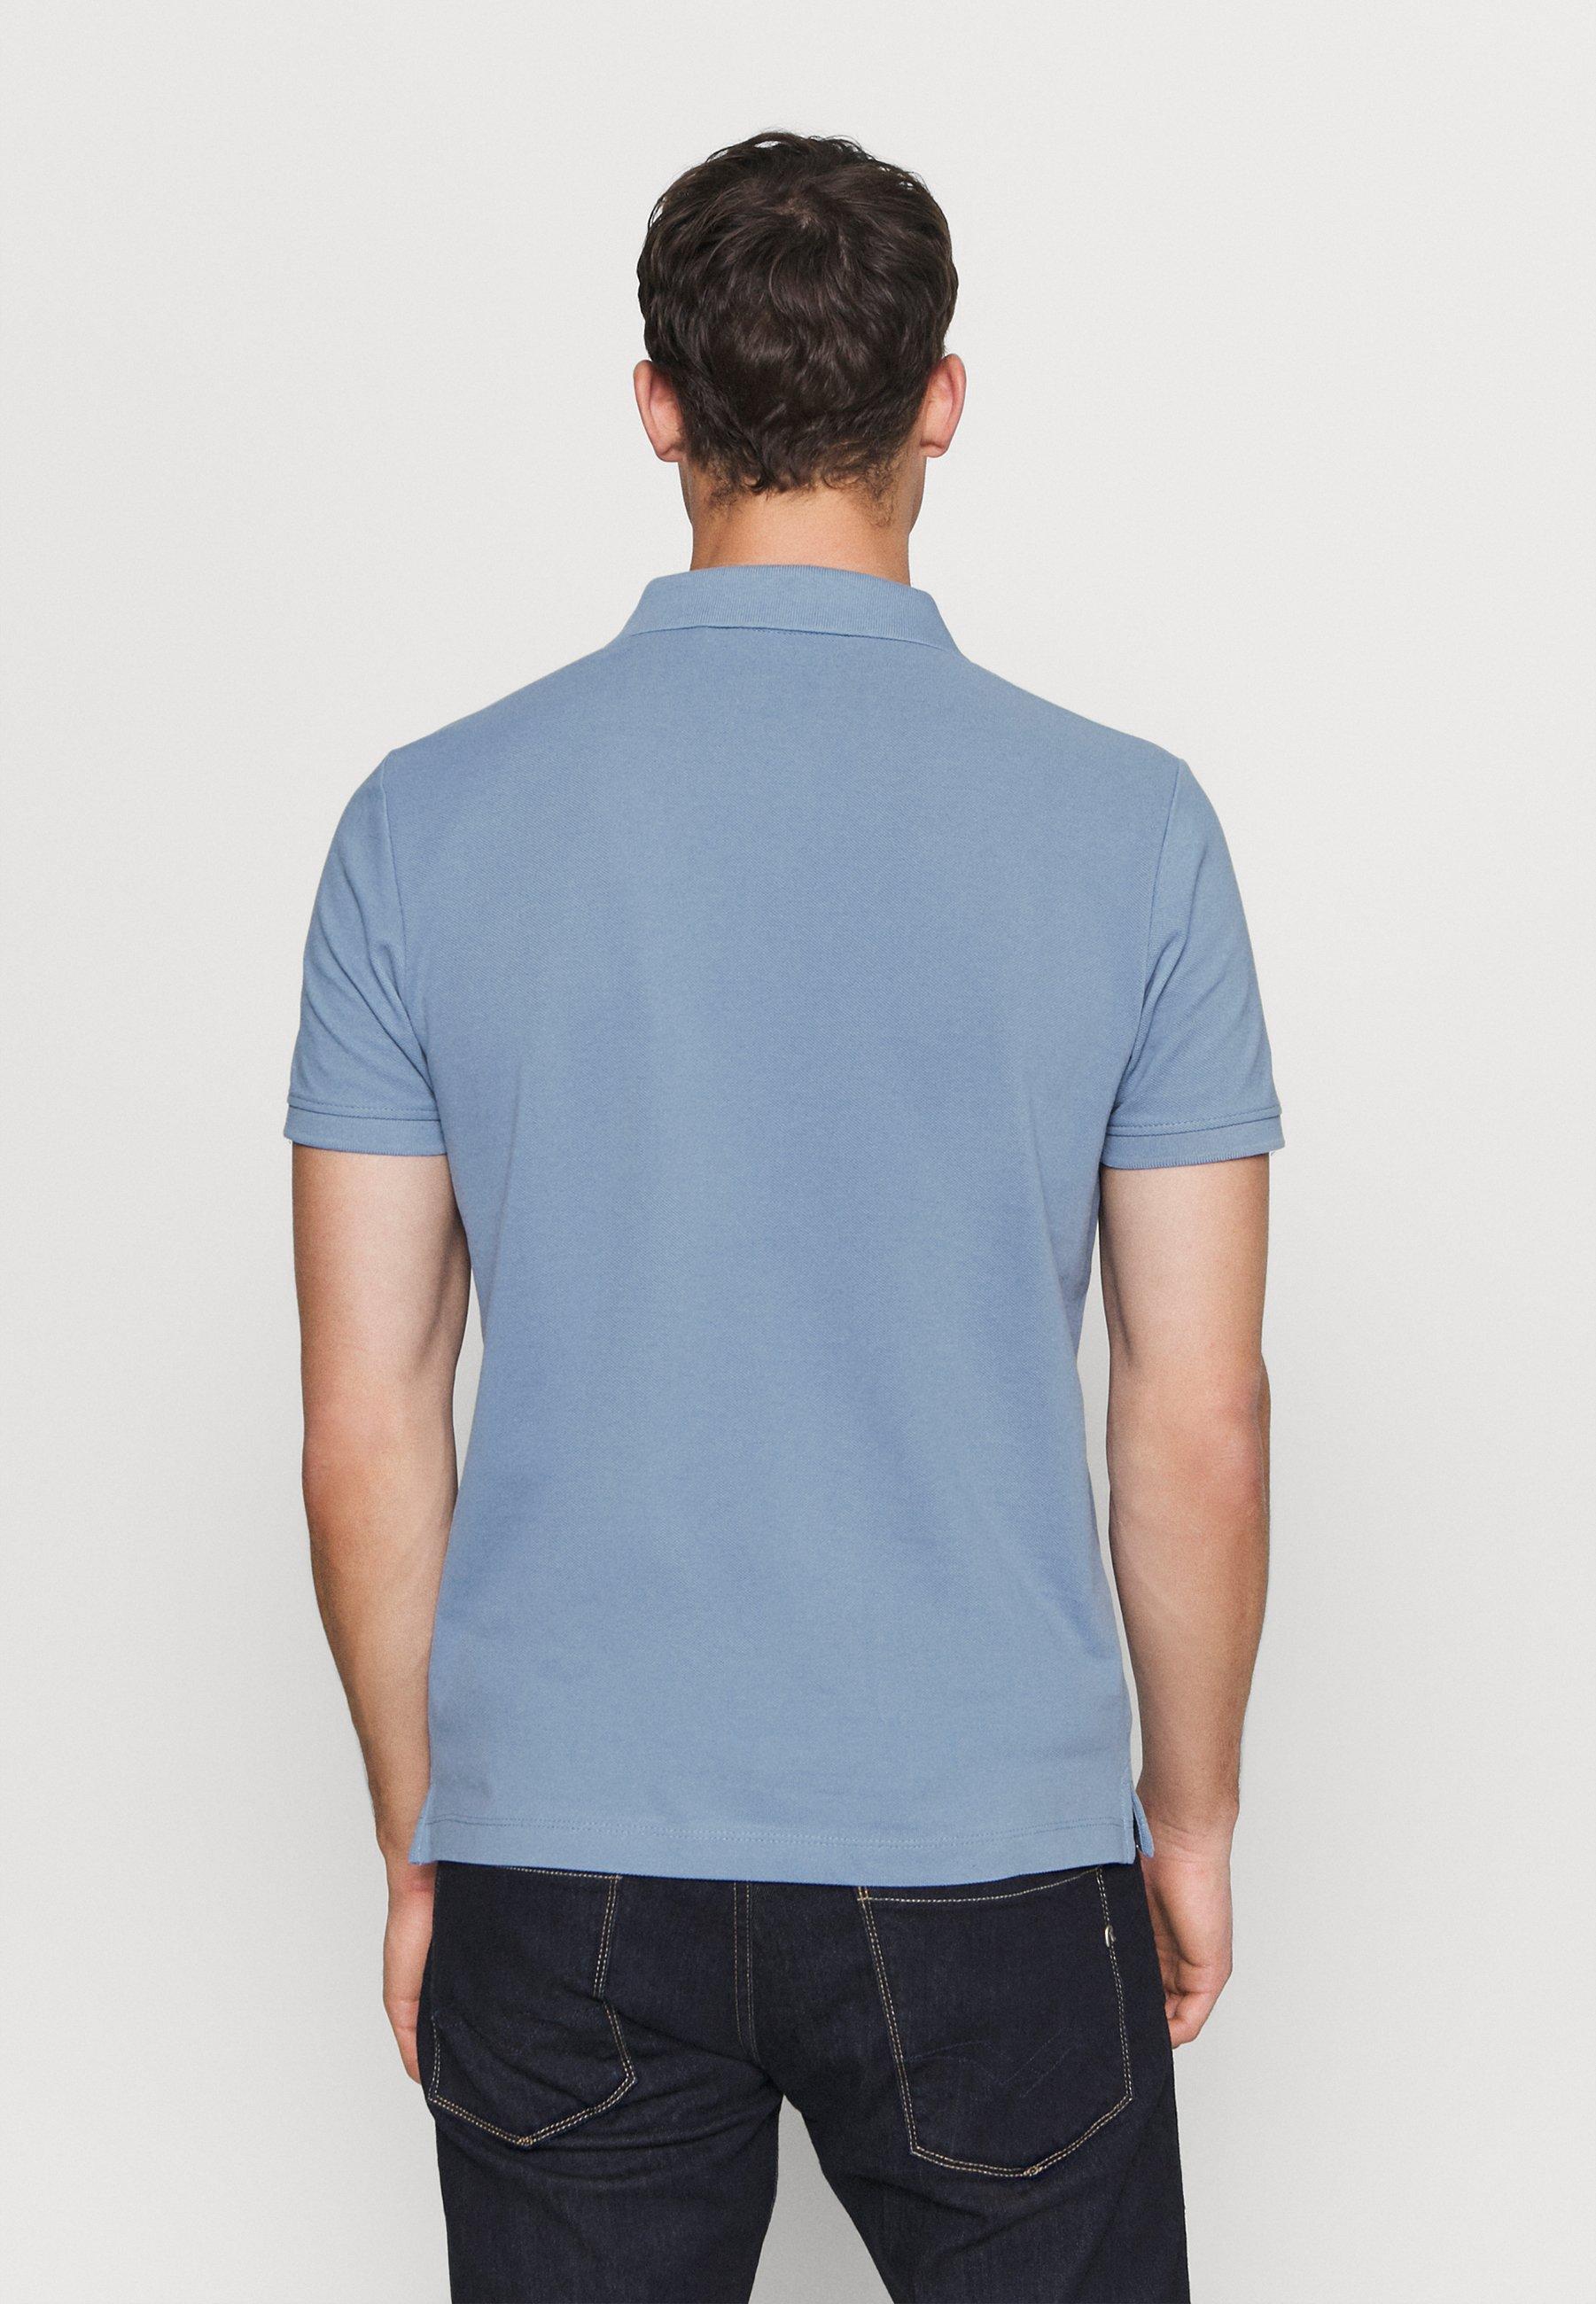 s.Oliver Polo shirt - smoky blue r0ILb